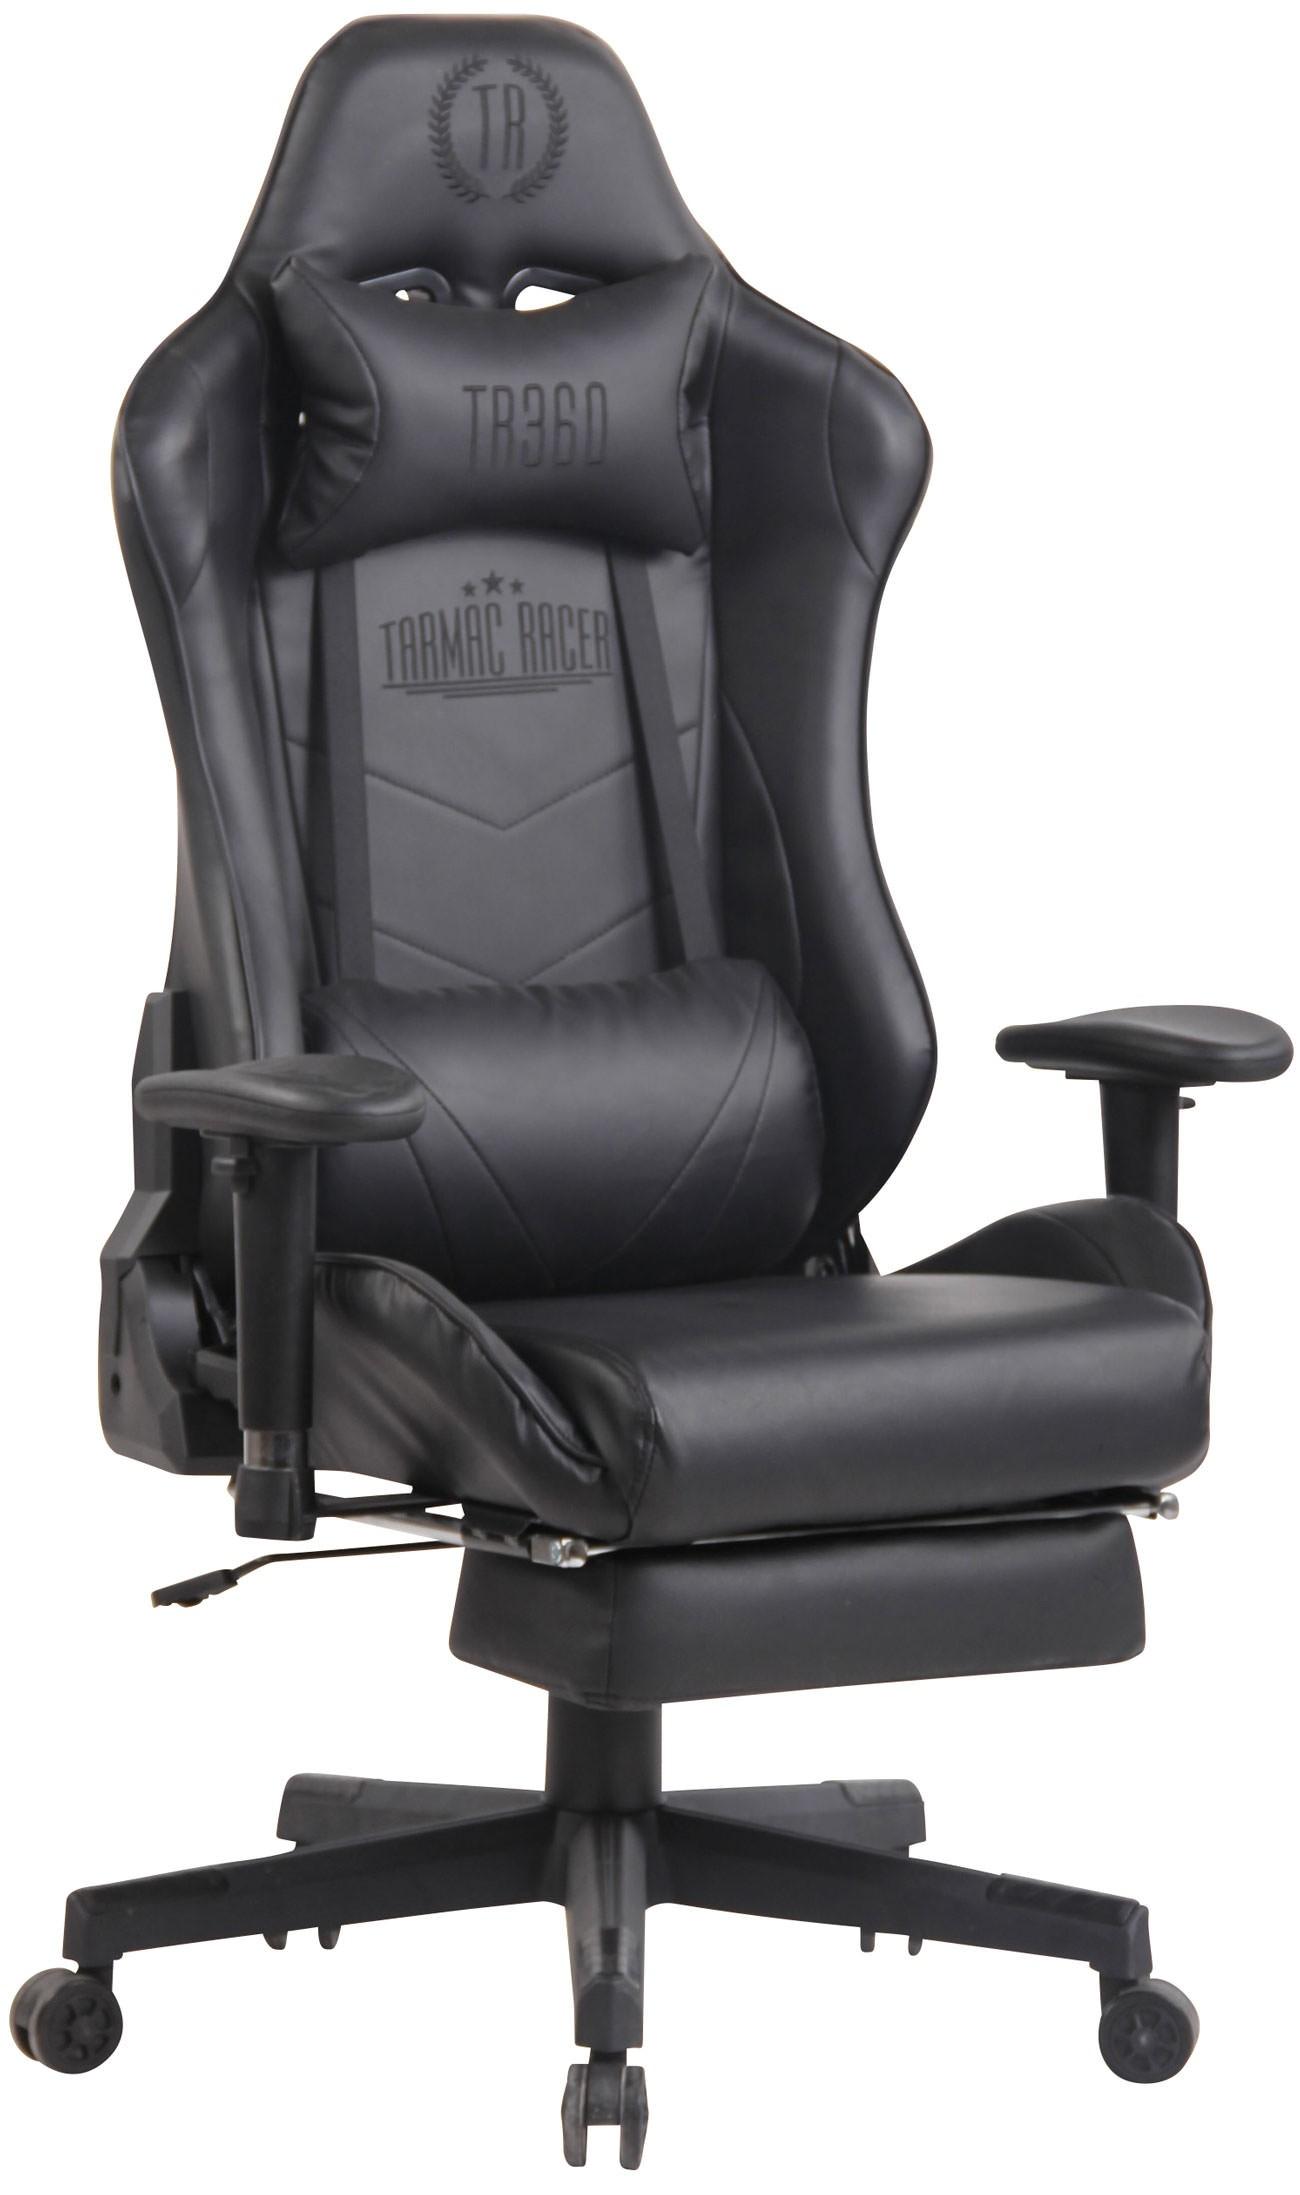 Chaise de Bureau / Gaming Lux XFM avec repose pieds téléscopique